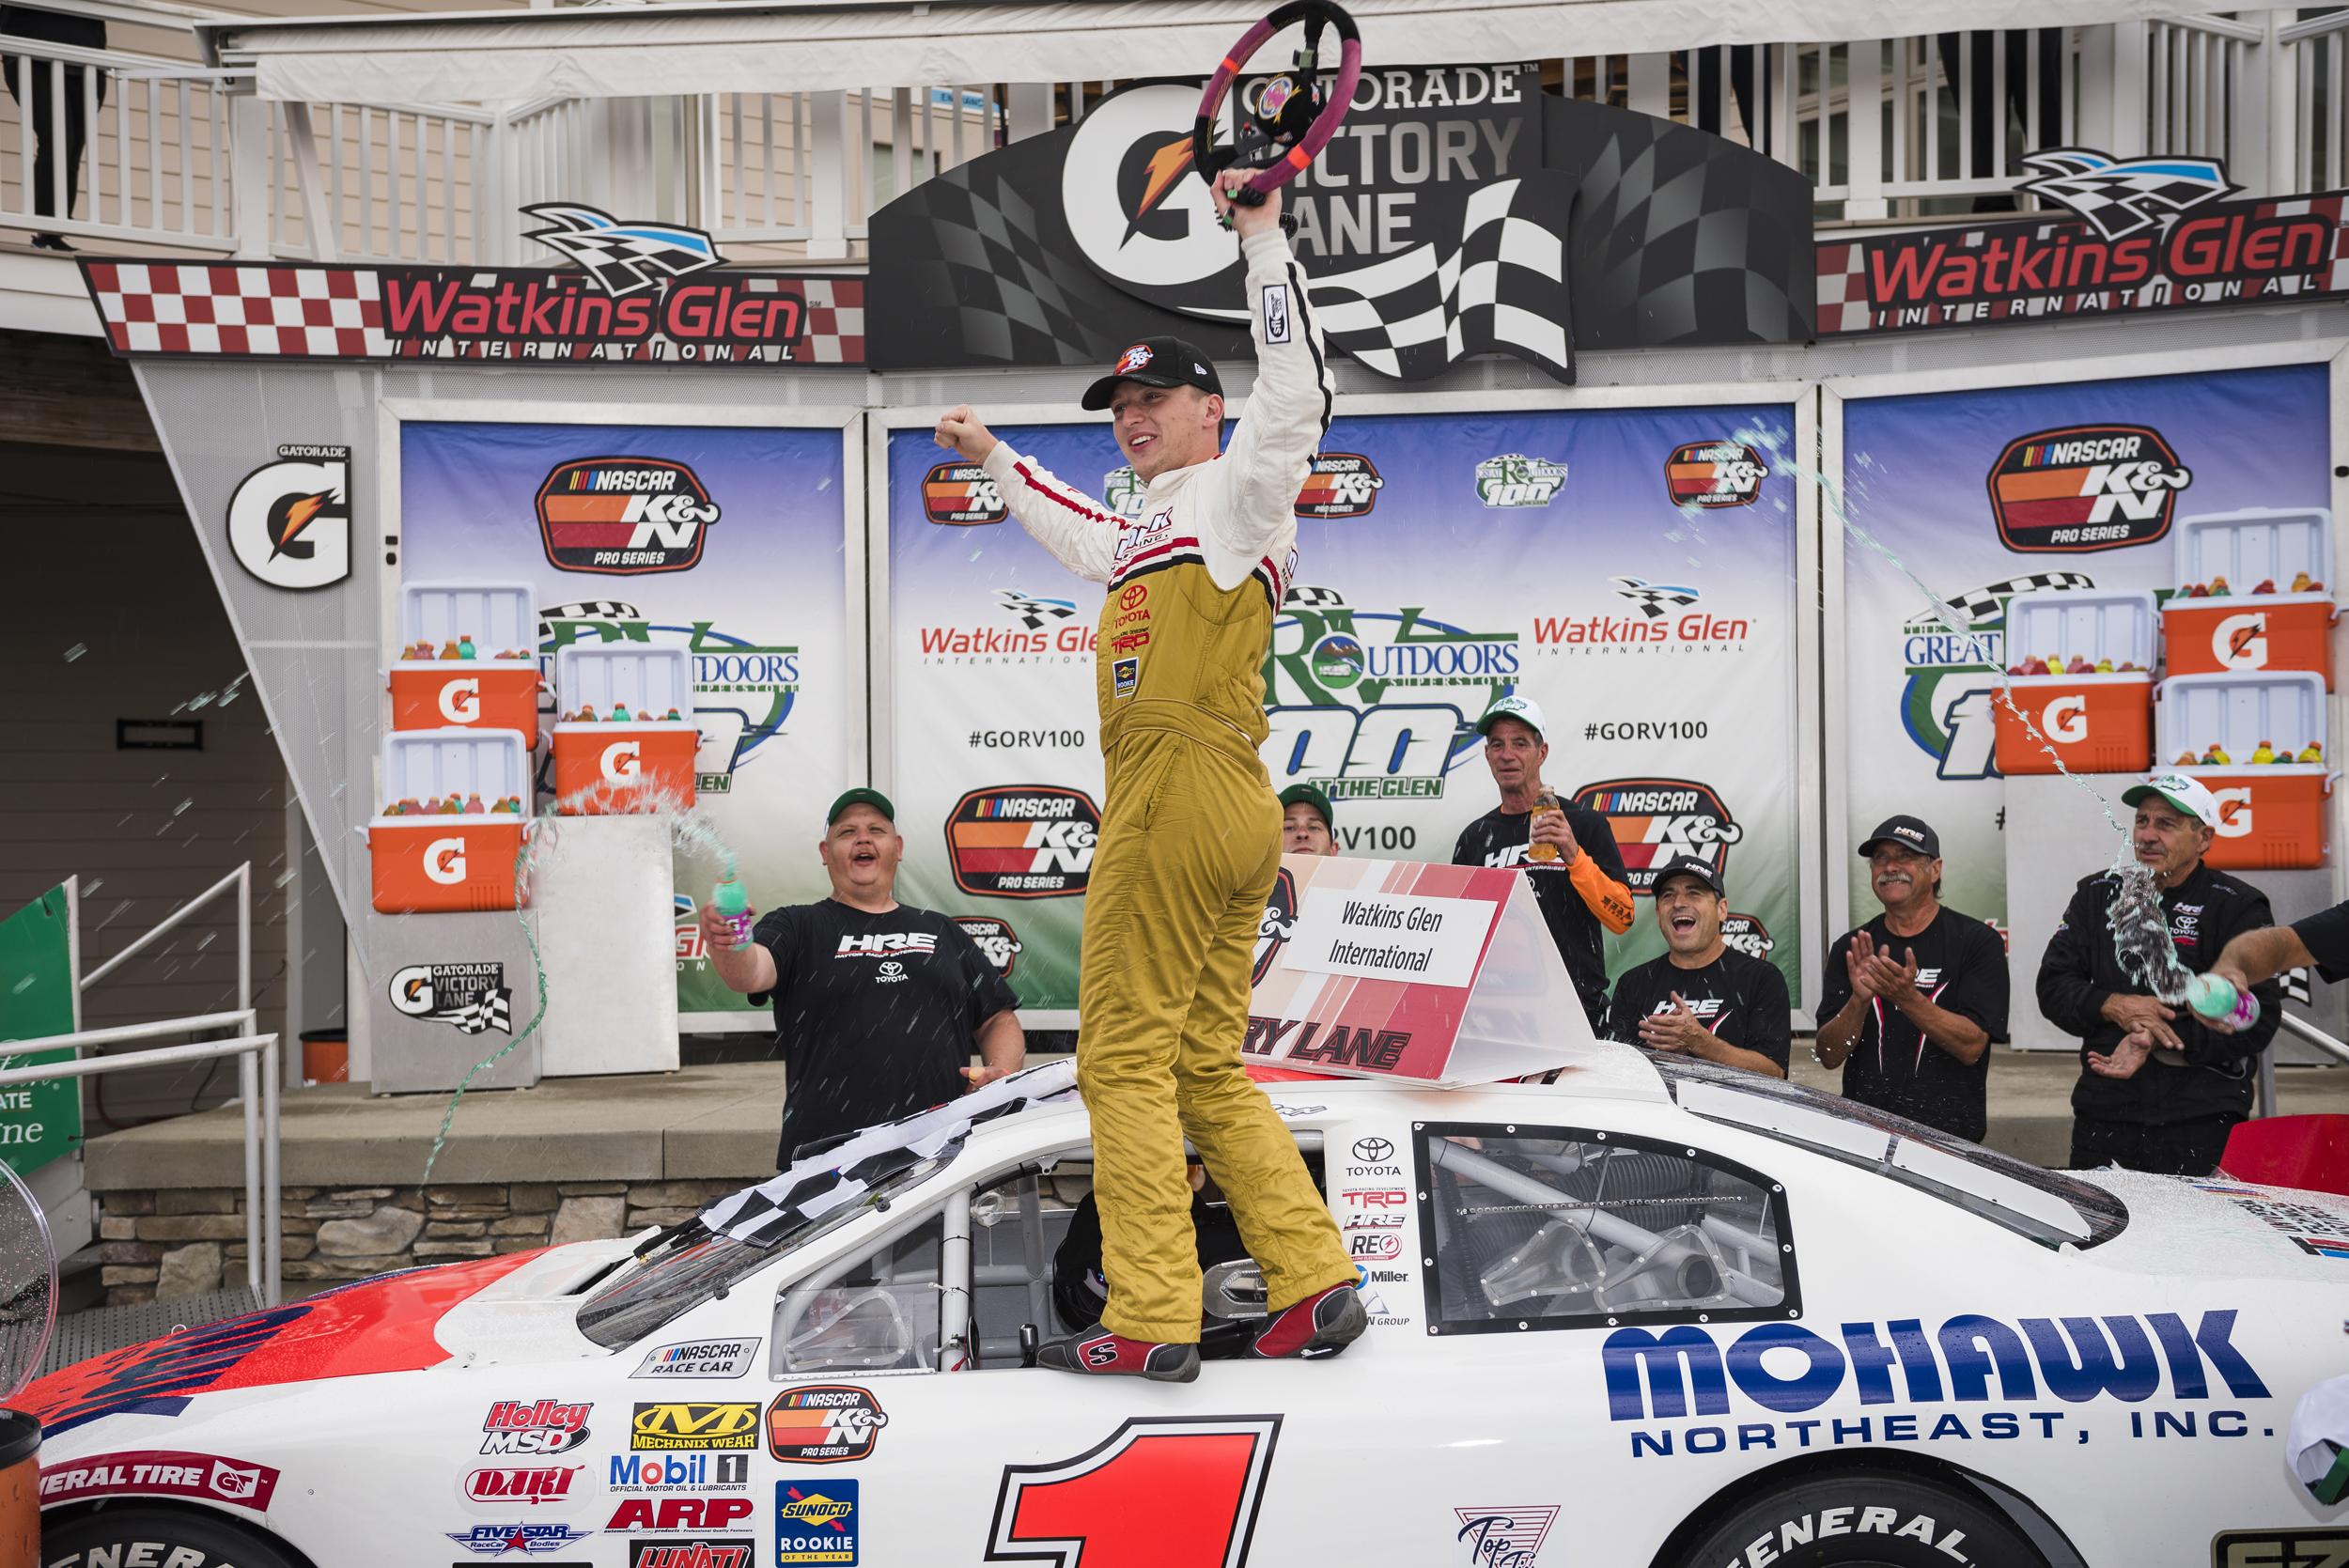 Aug. 2: Watkins Glen Int'l - Start: 1stFinish: WIN